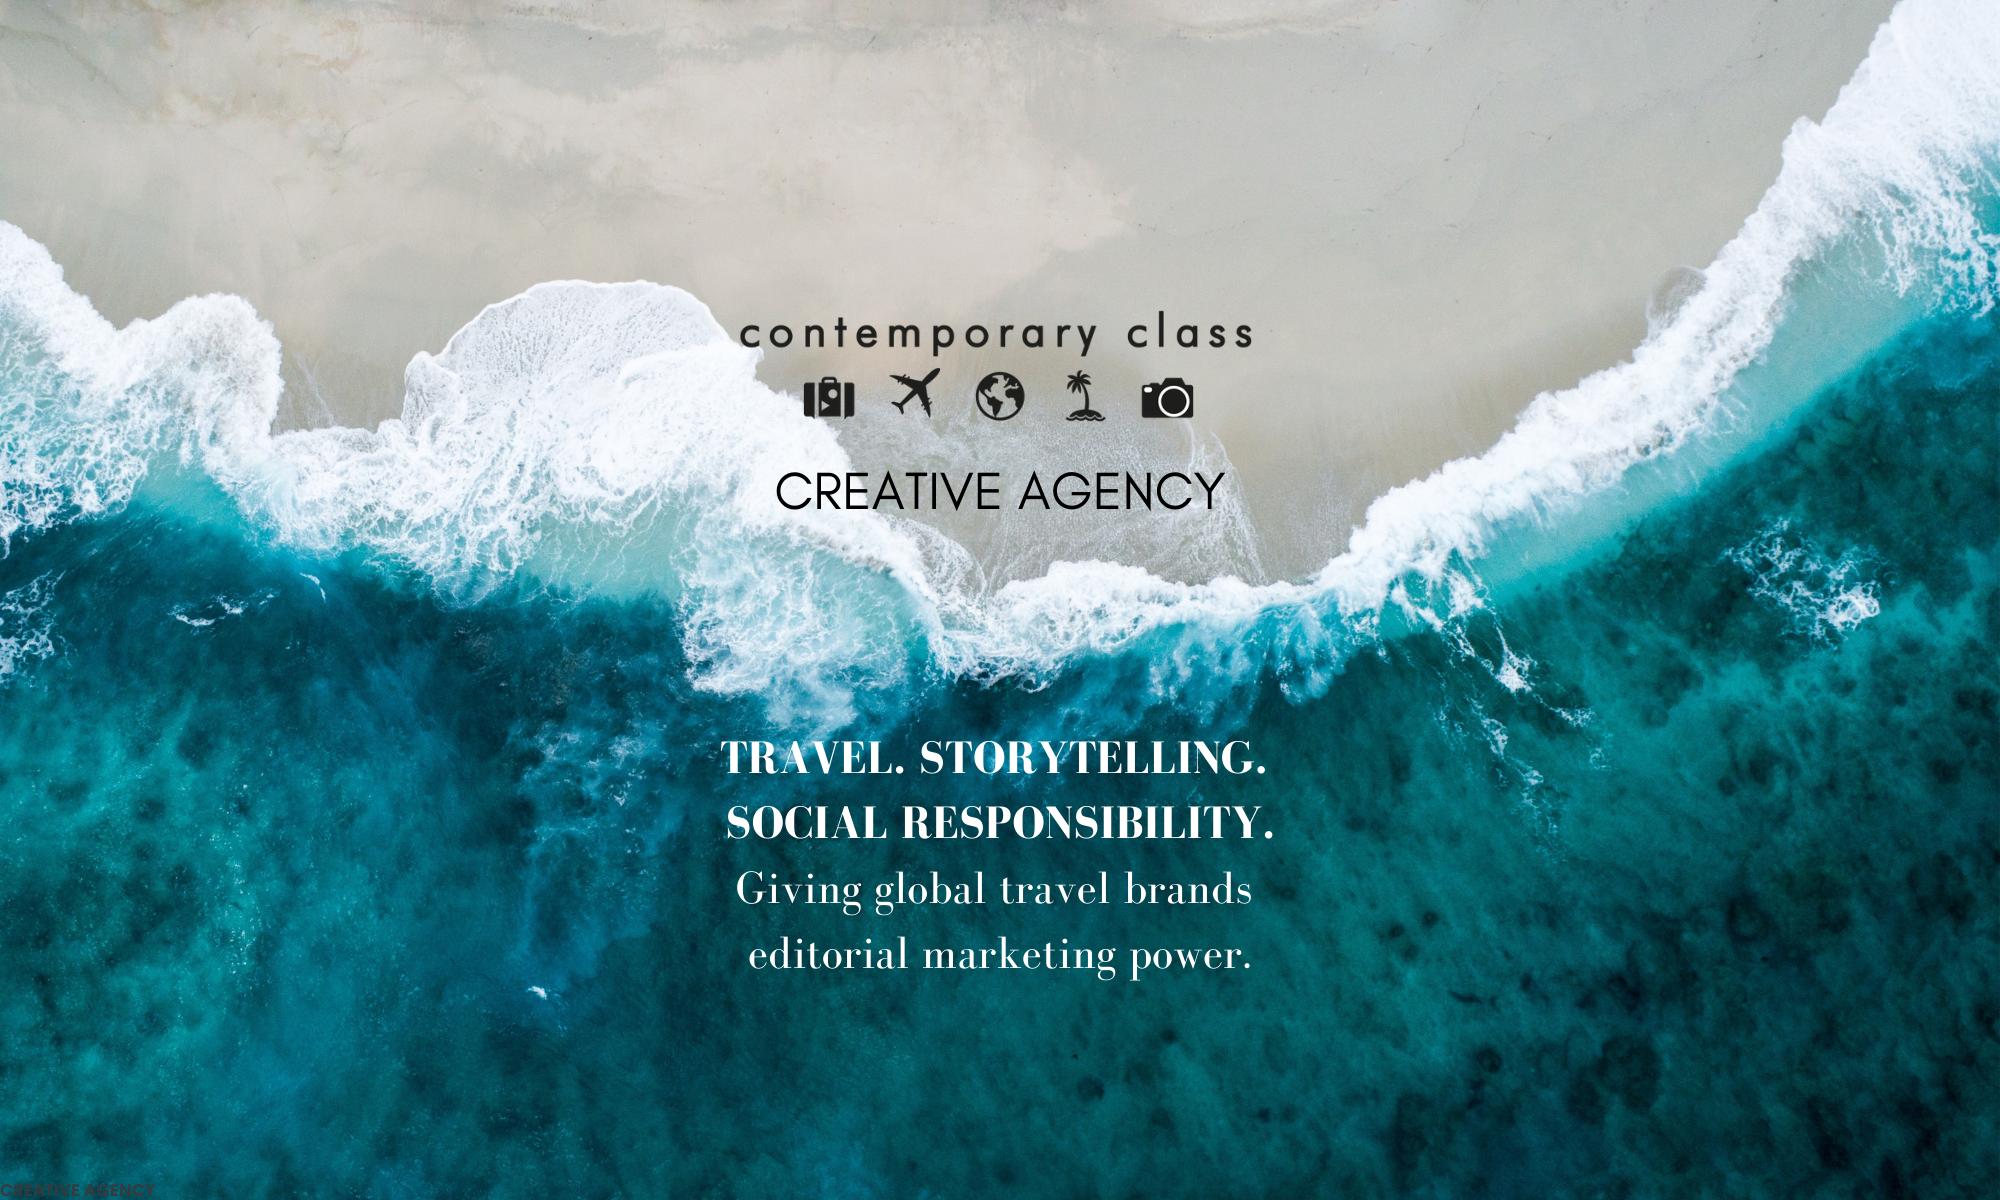 Travel. Storytelling. Social responsibility.